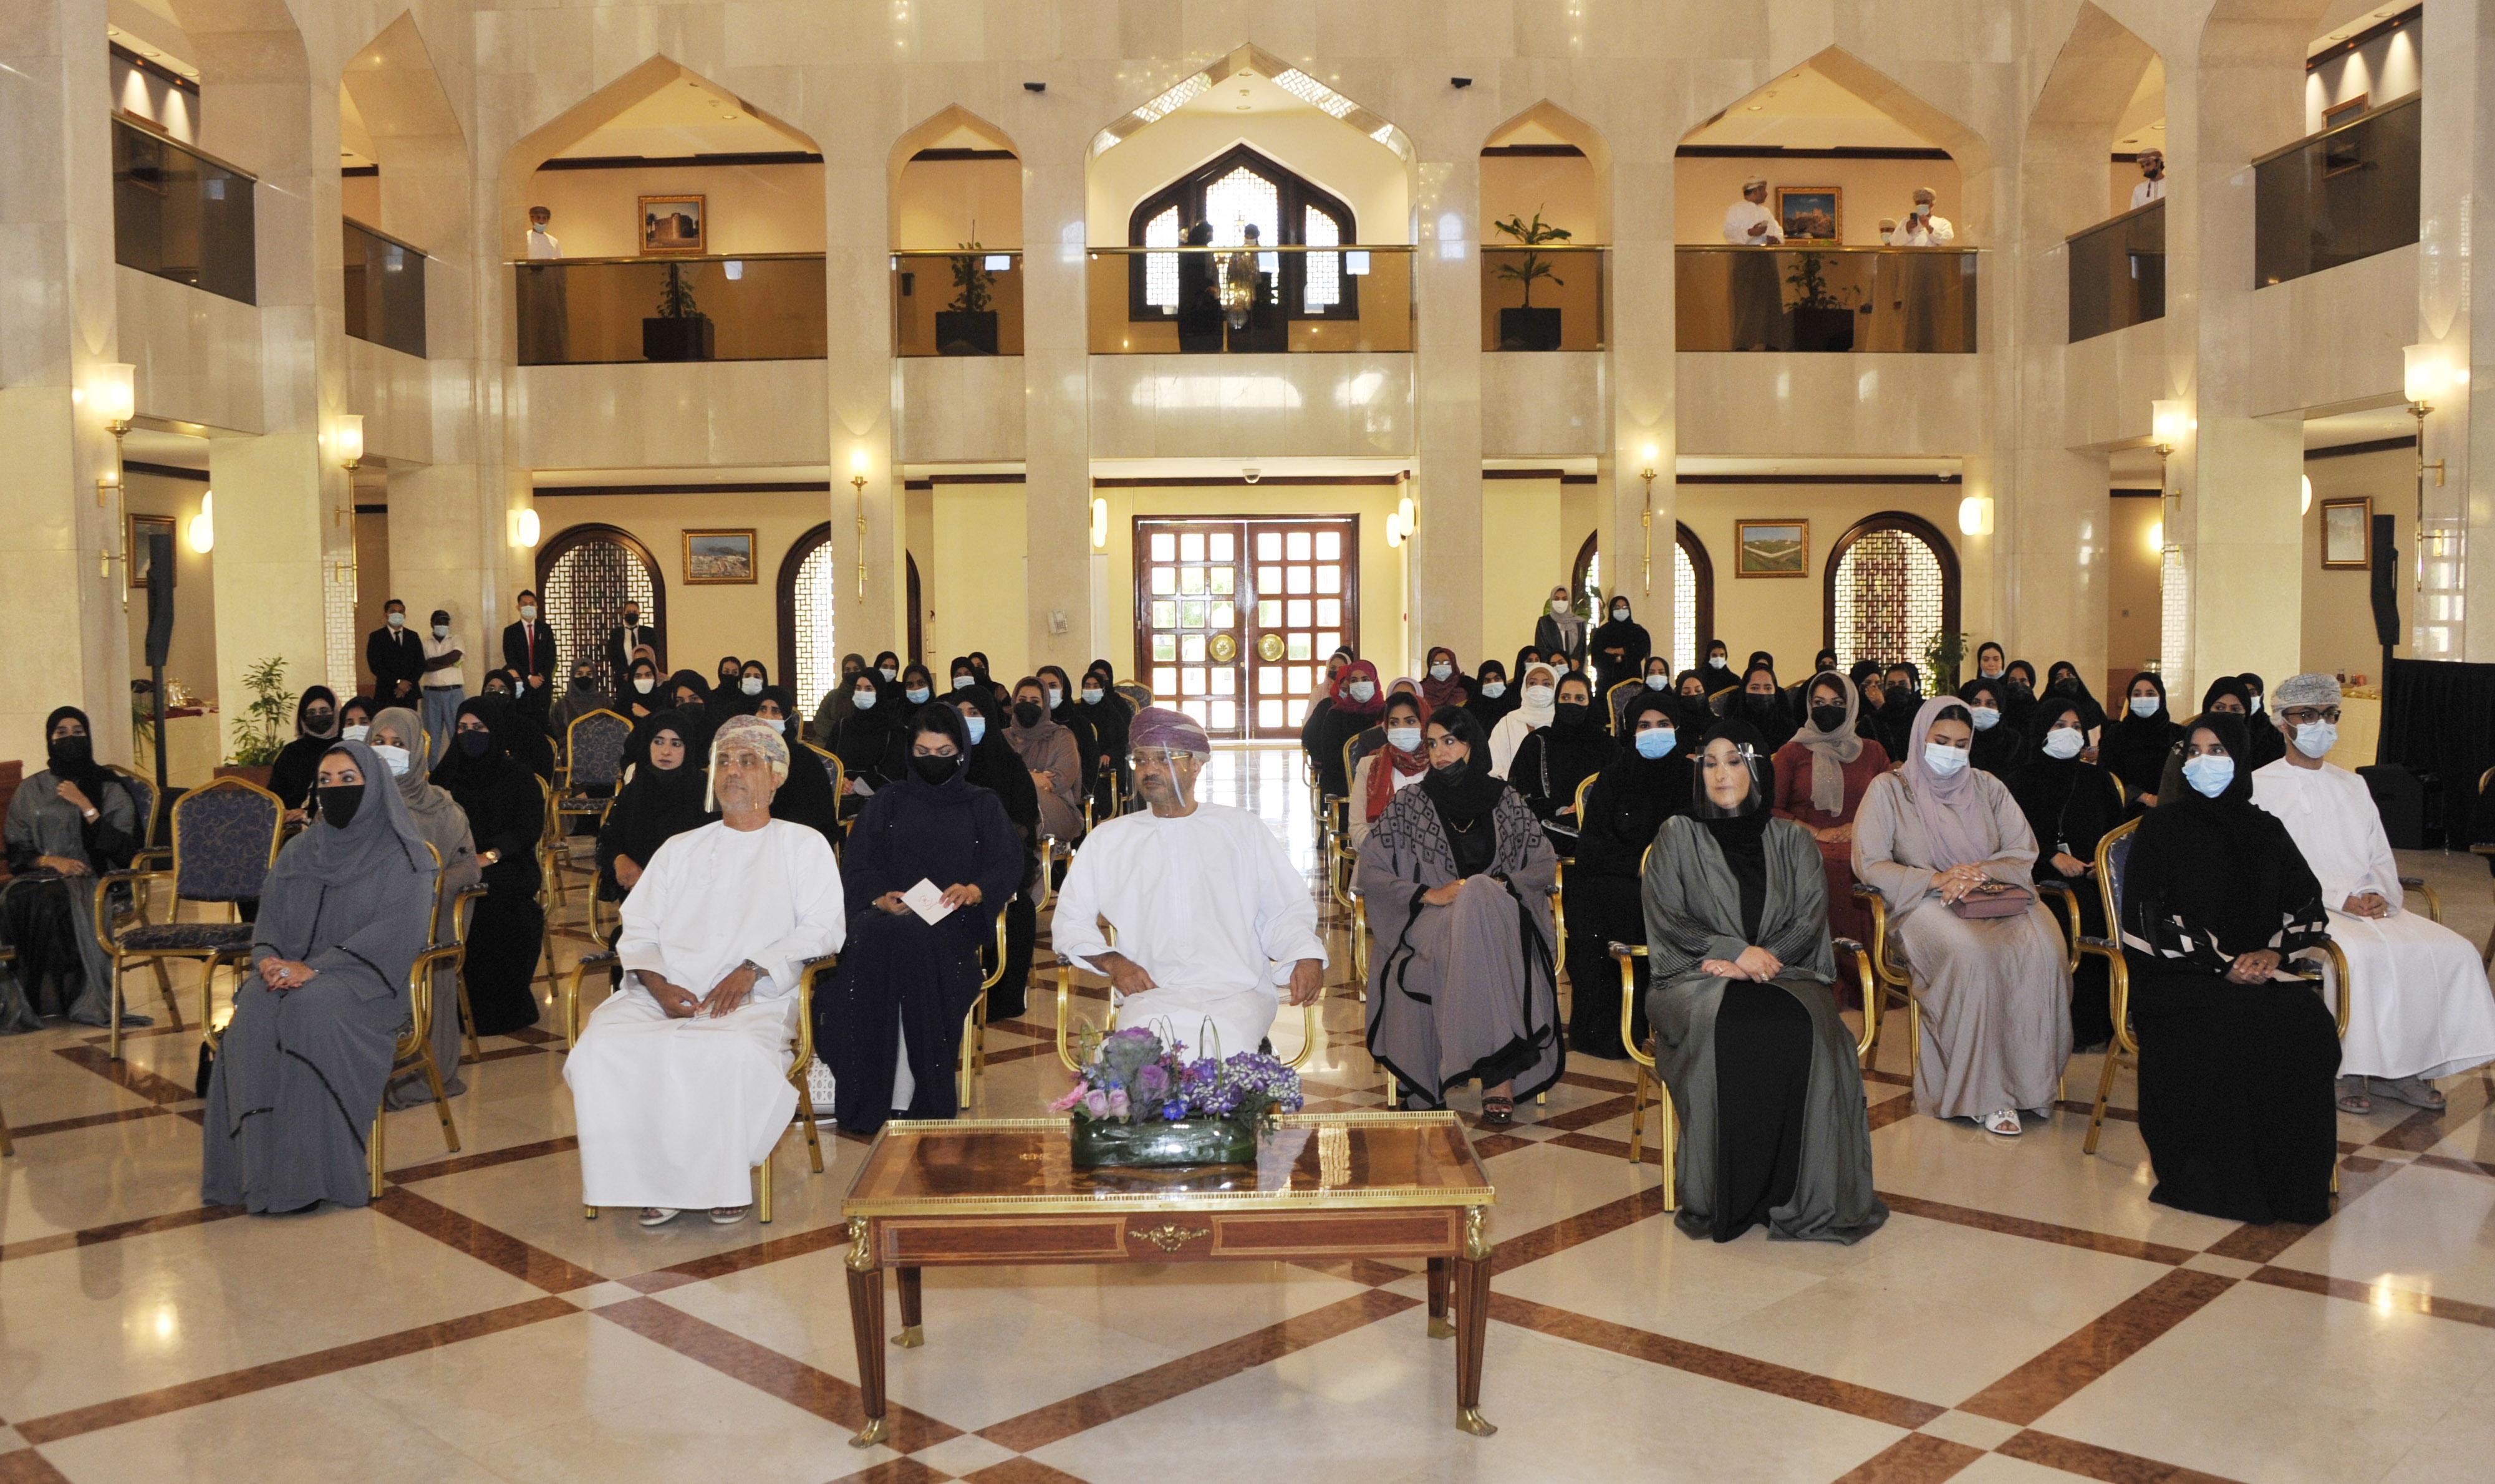 احتفال-وزارة-الخارجية-بيوم-المرأة-العمانية-١٨-١٠-٢٠٢٠-تصوير-العمانية